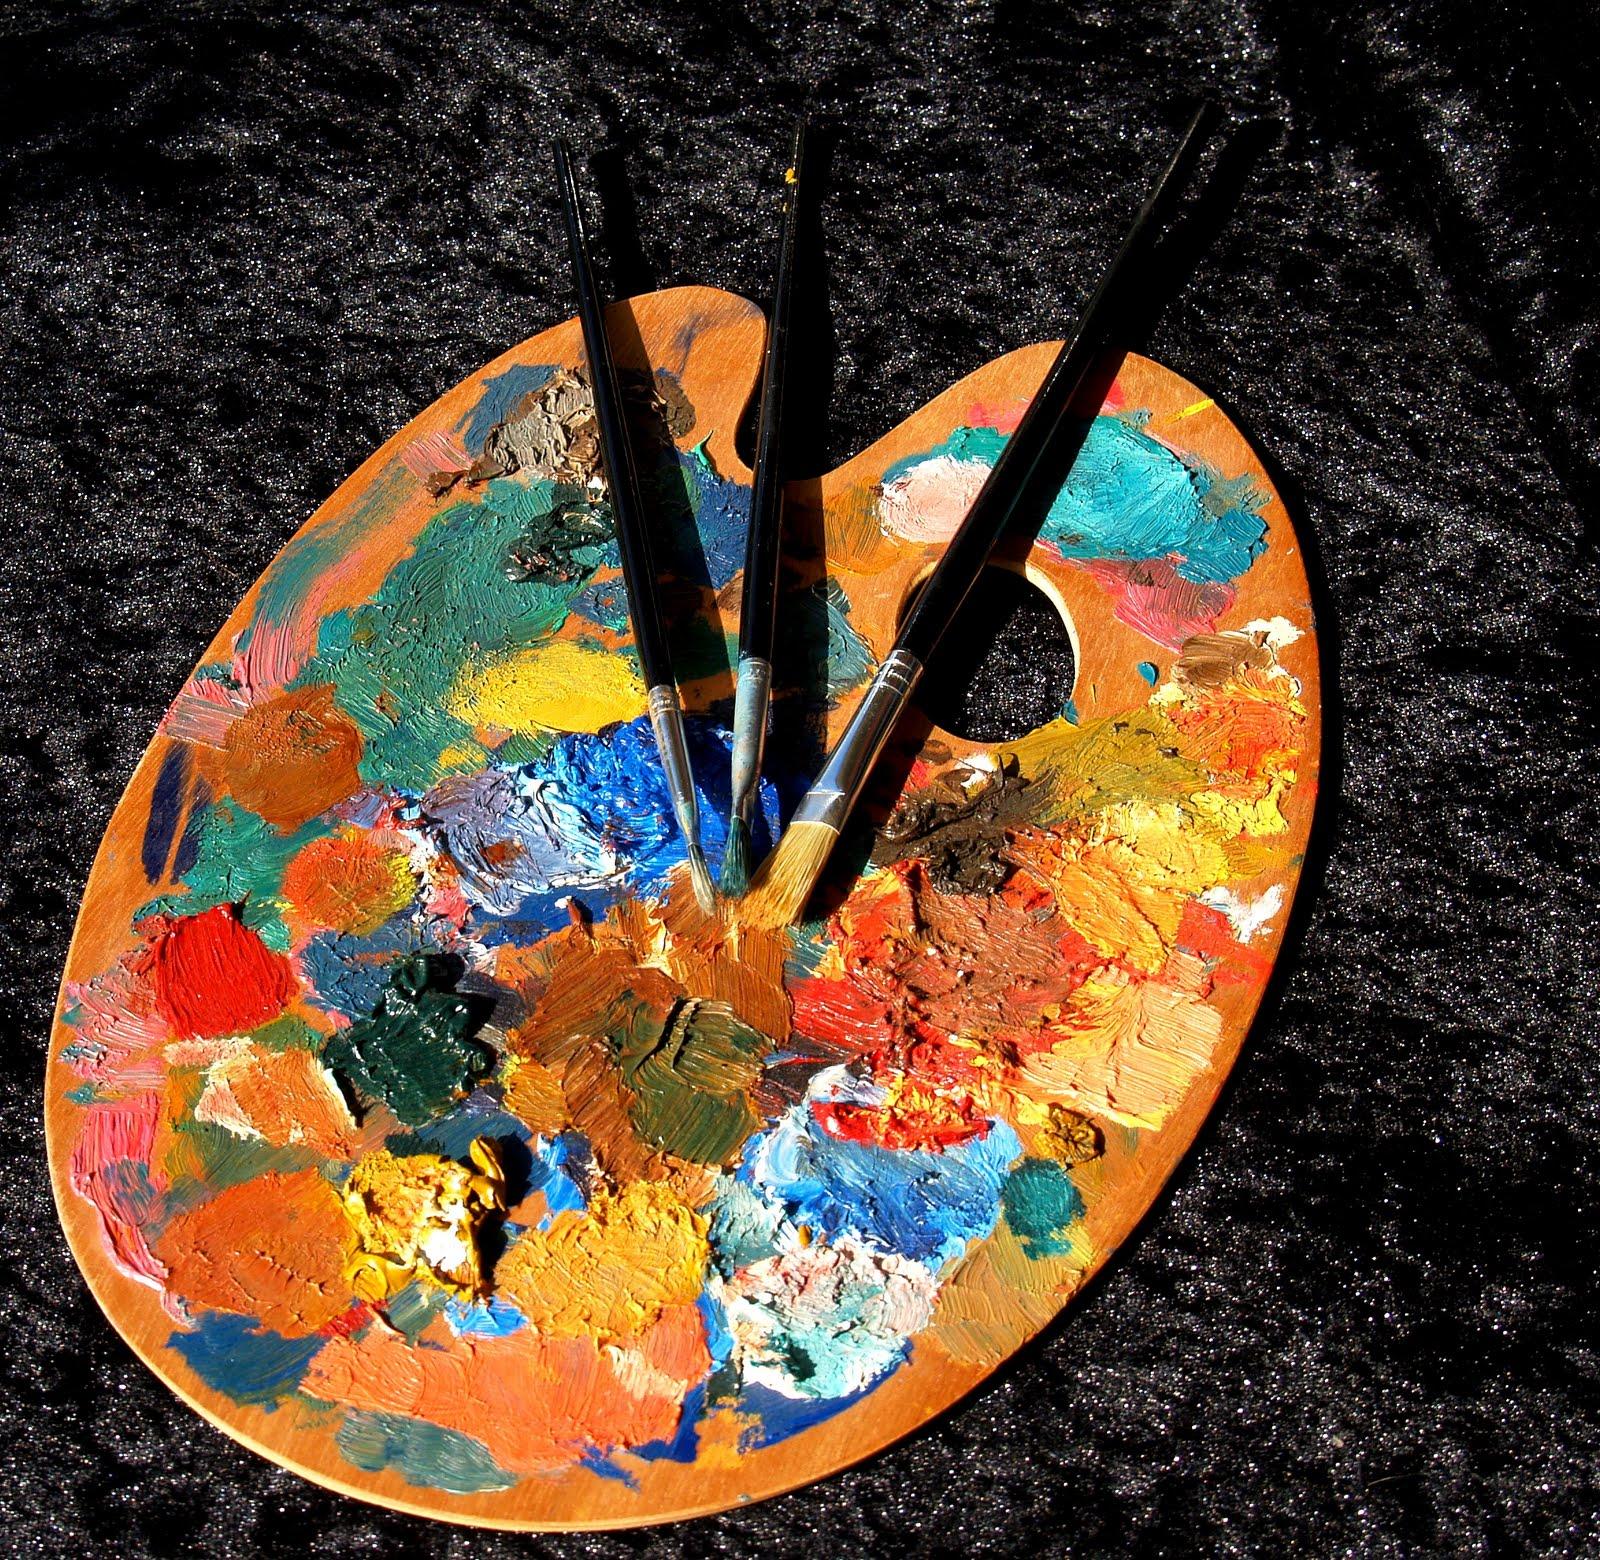 H art colores en la paleta de pintores - Paleta de pinturas ...